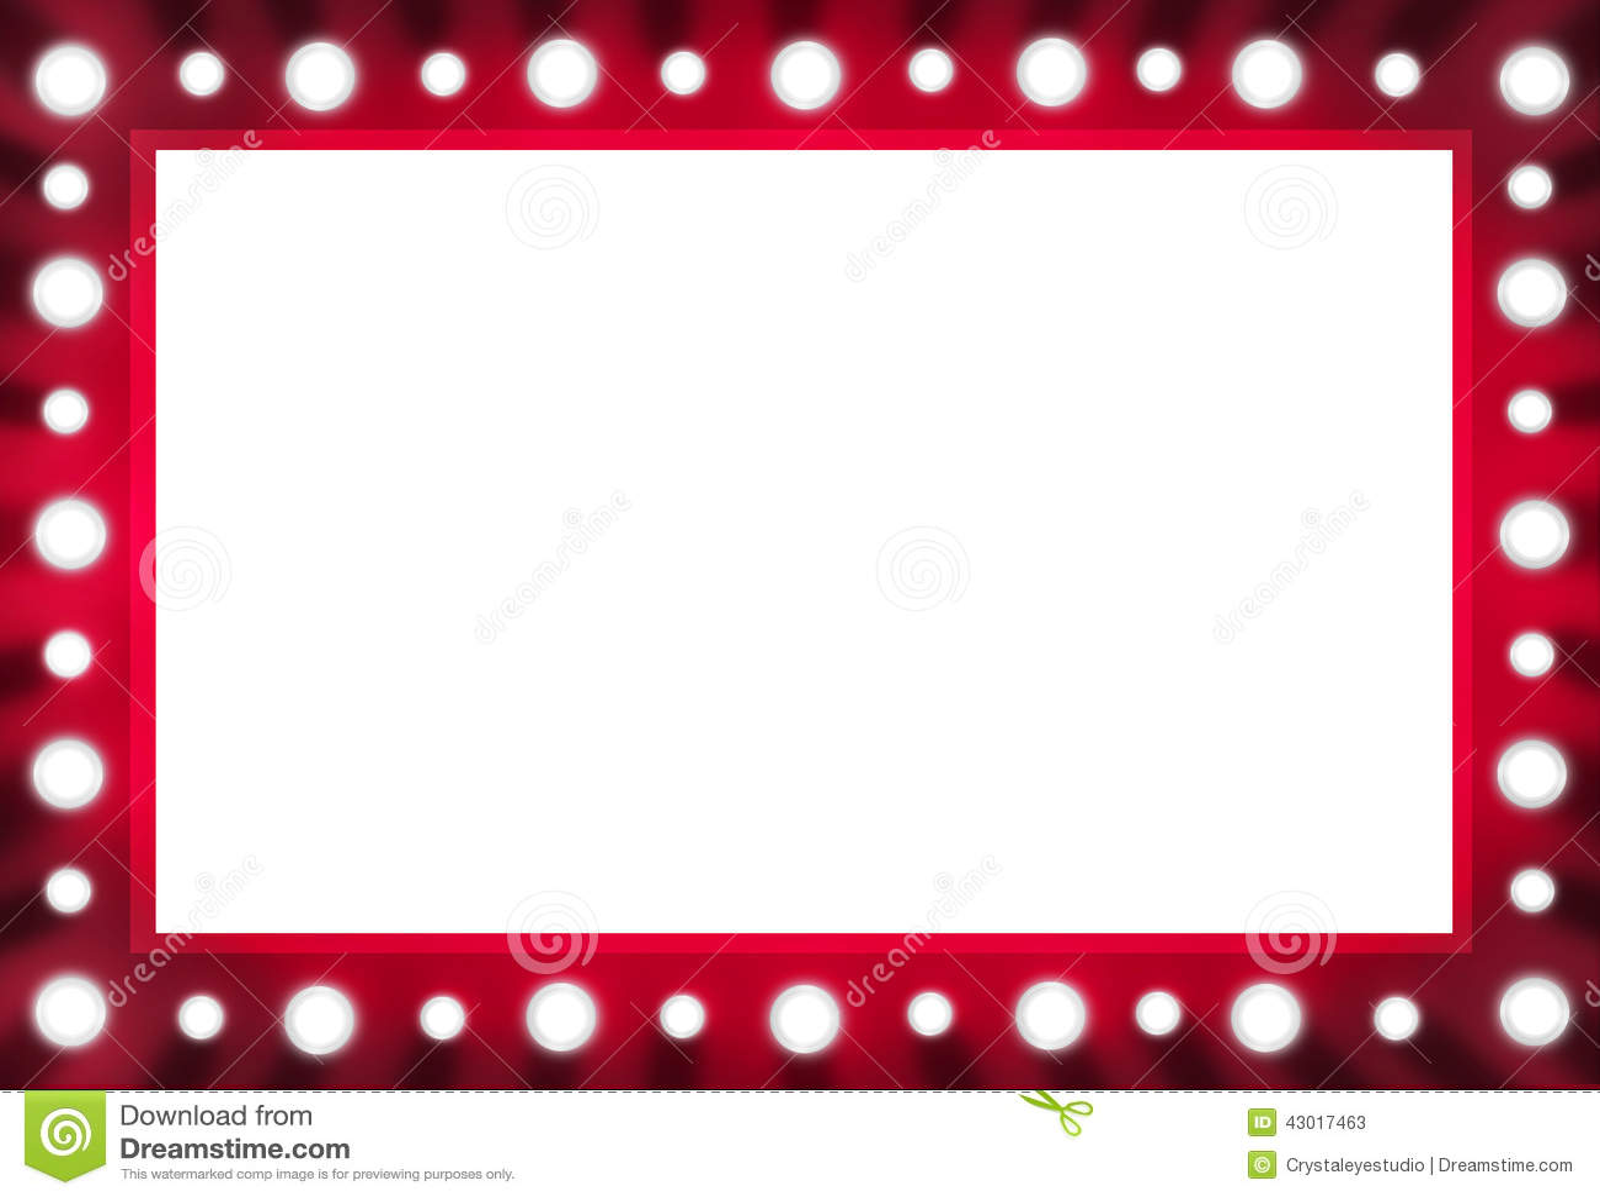 Miroir rouge d 39 ampoule d 39 arri re sc ne avec l 39 espace blanc for Miroir rouge